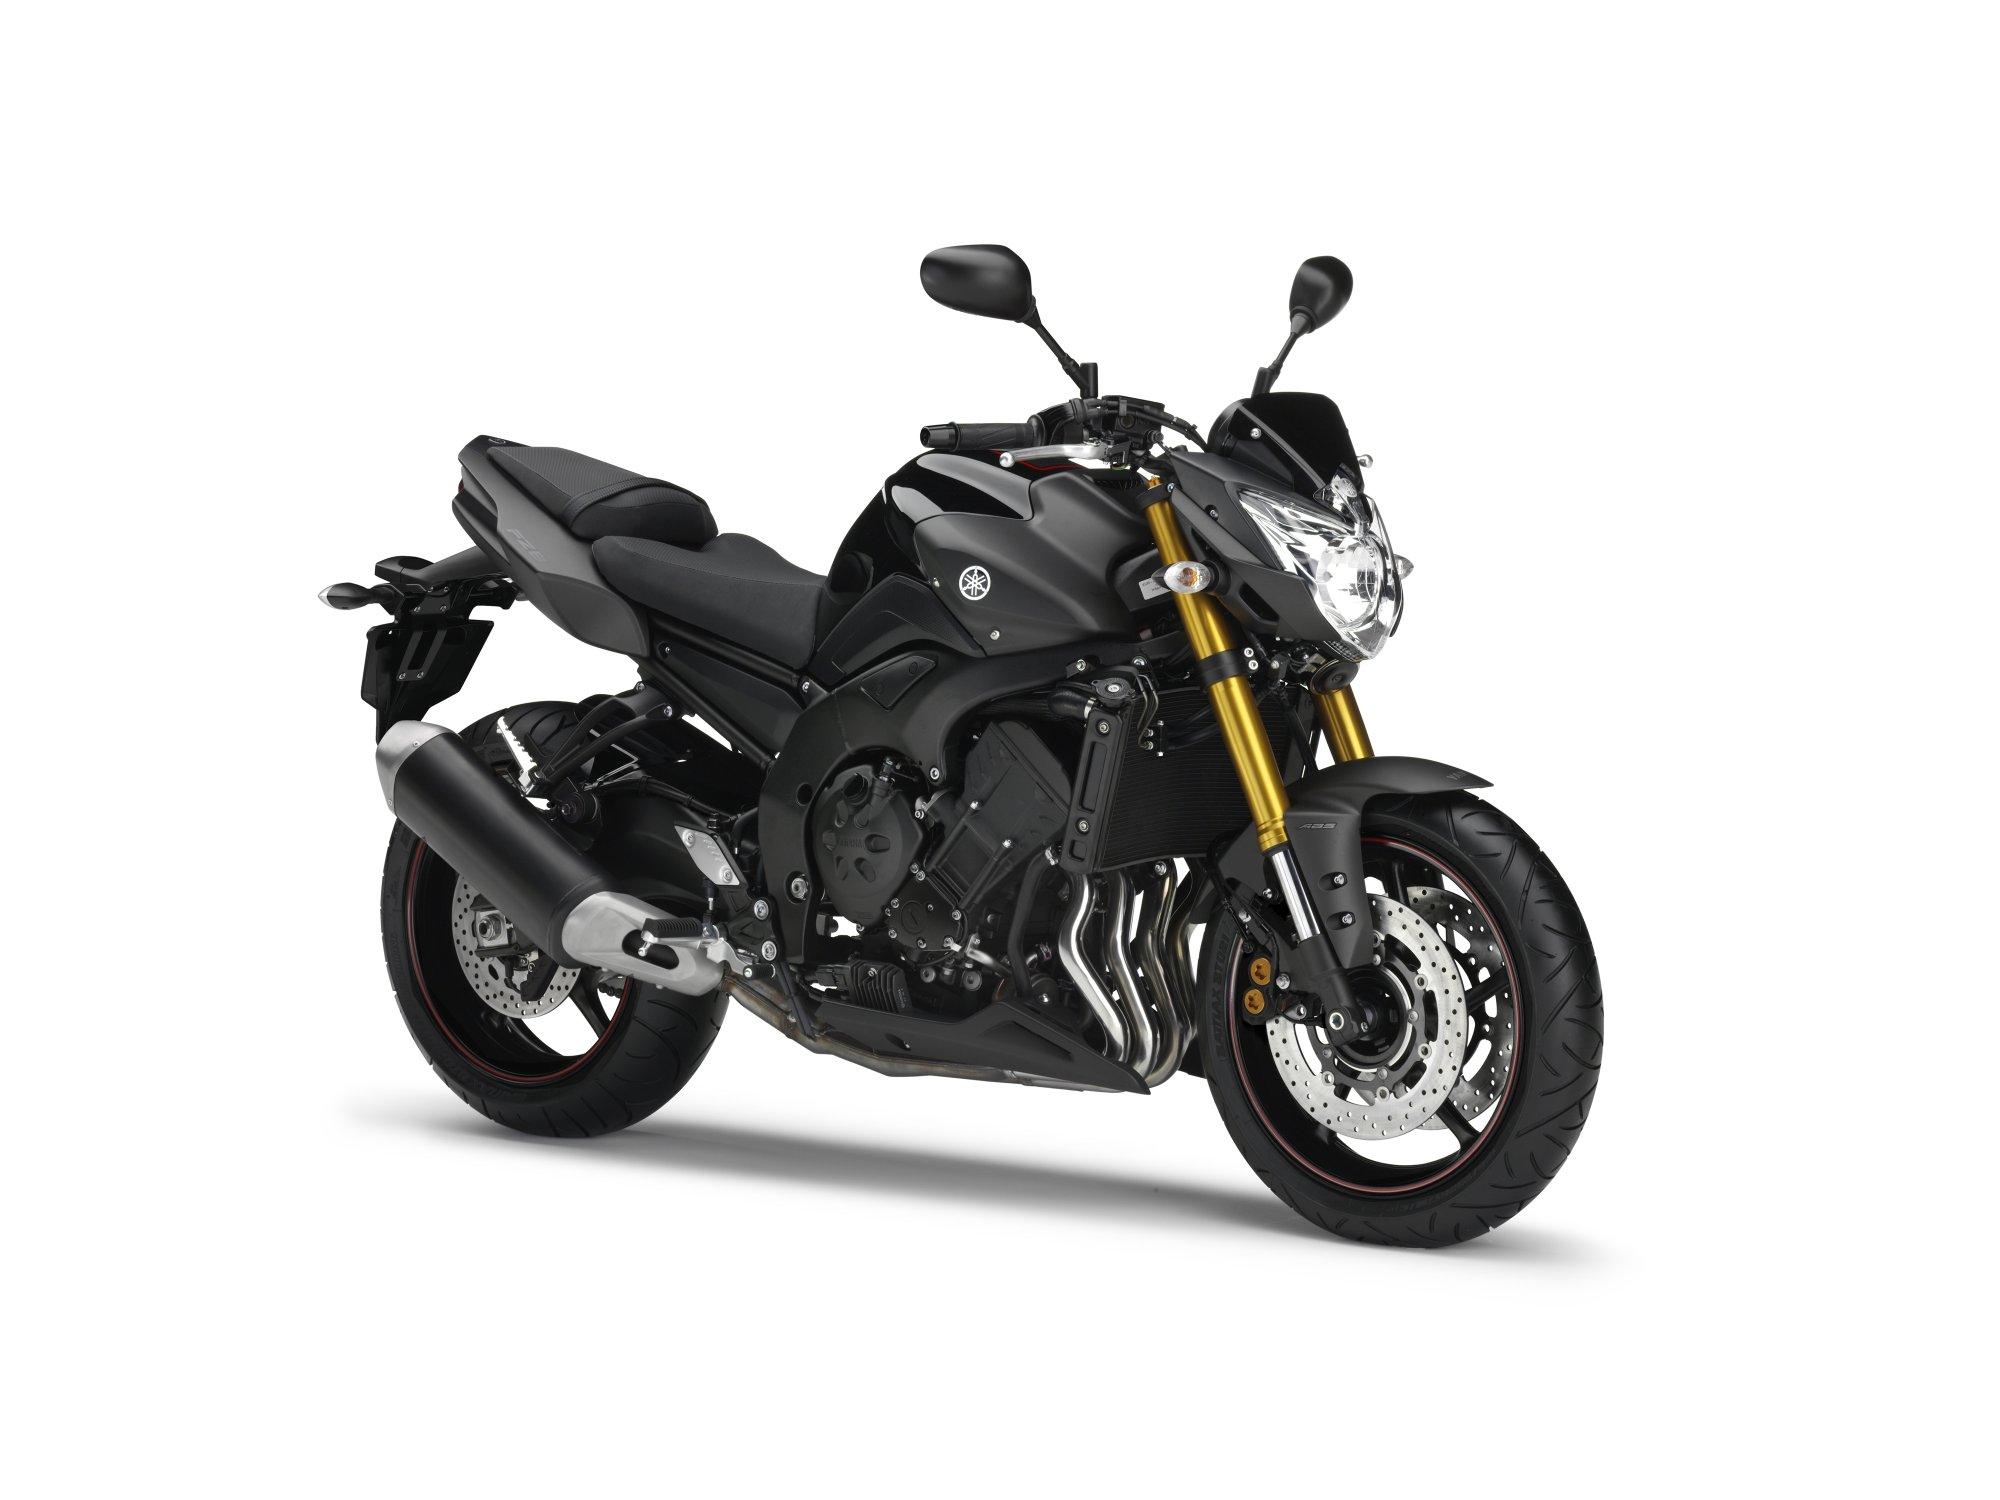 yamaha motorrad modelle motorrad motorrad hintermeyer 86956 schongau schwabbruckerstra e. Black Bedroom Furniture Sets. Home Design Ideas